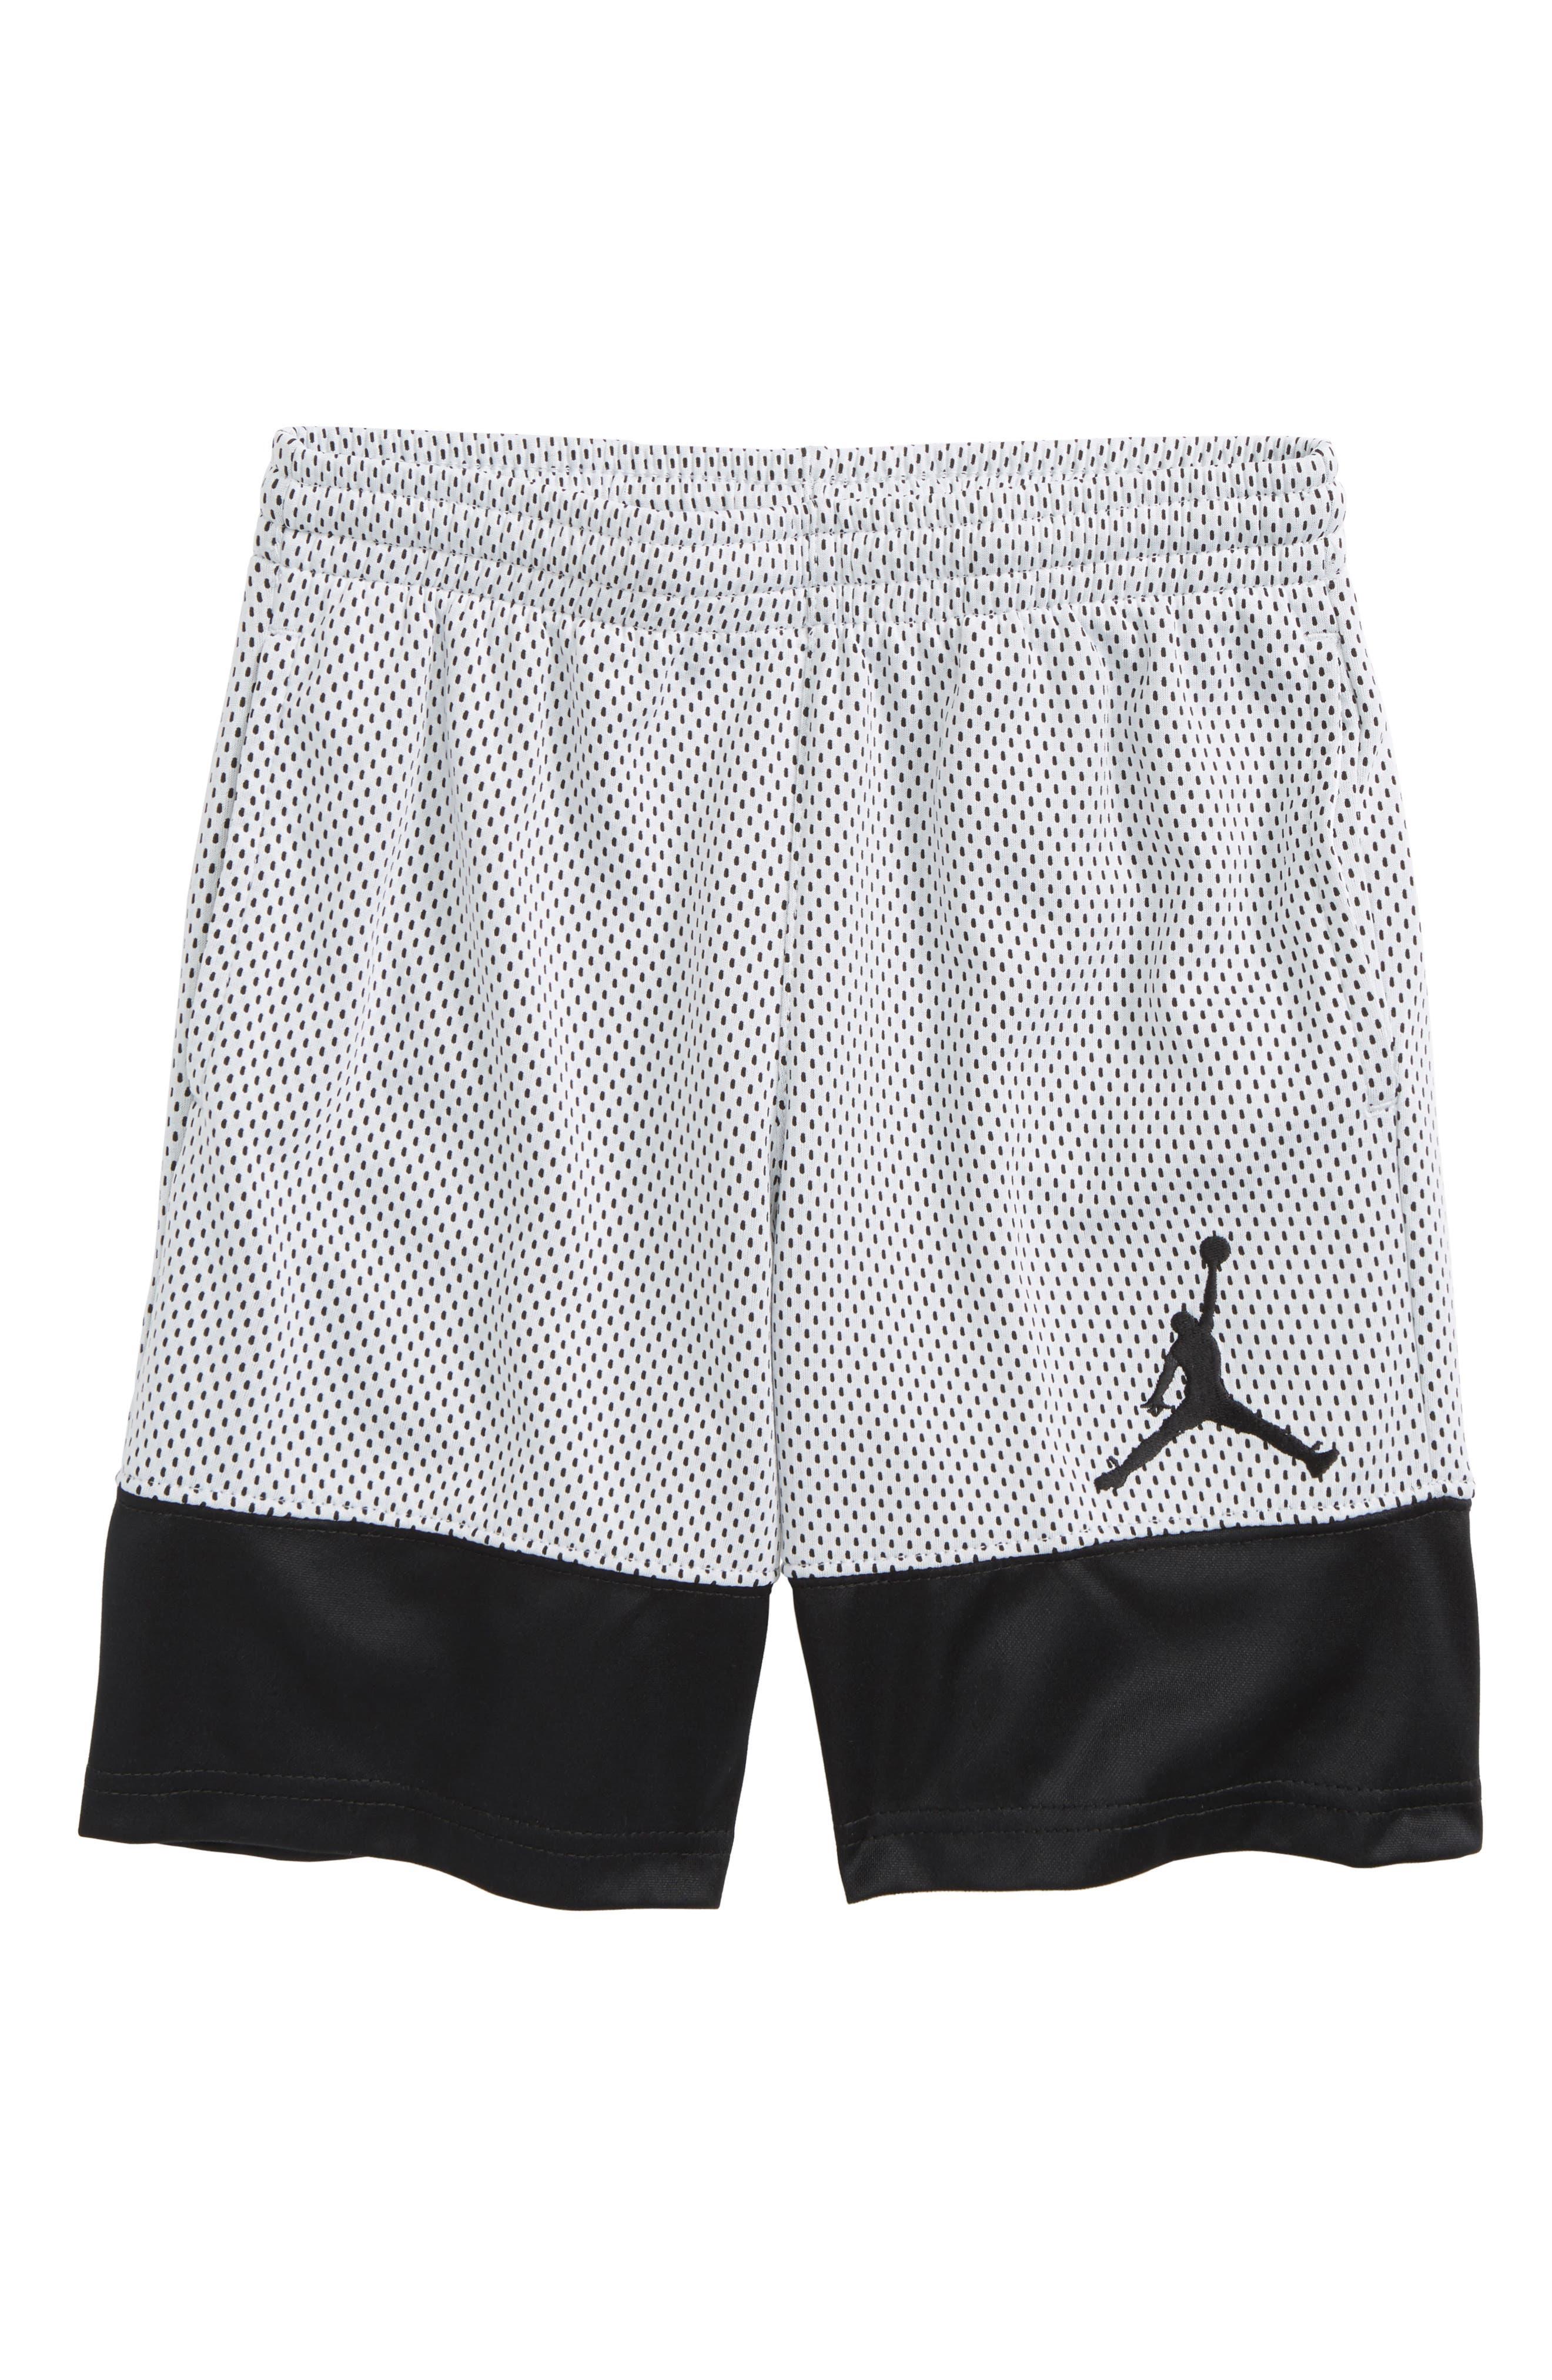 Jordan '90s Mesh Shorts,                         Main,                         color, Black/ White